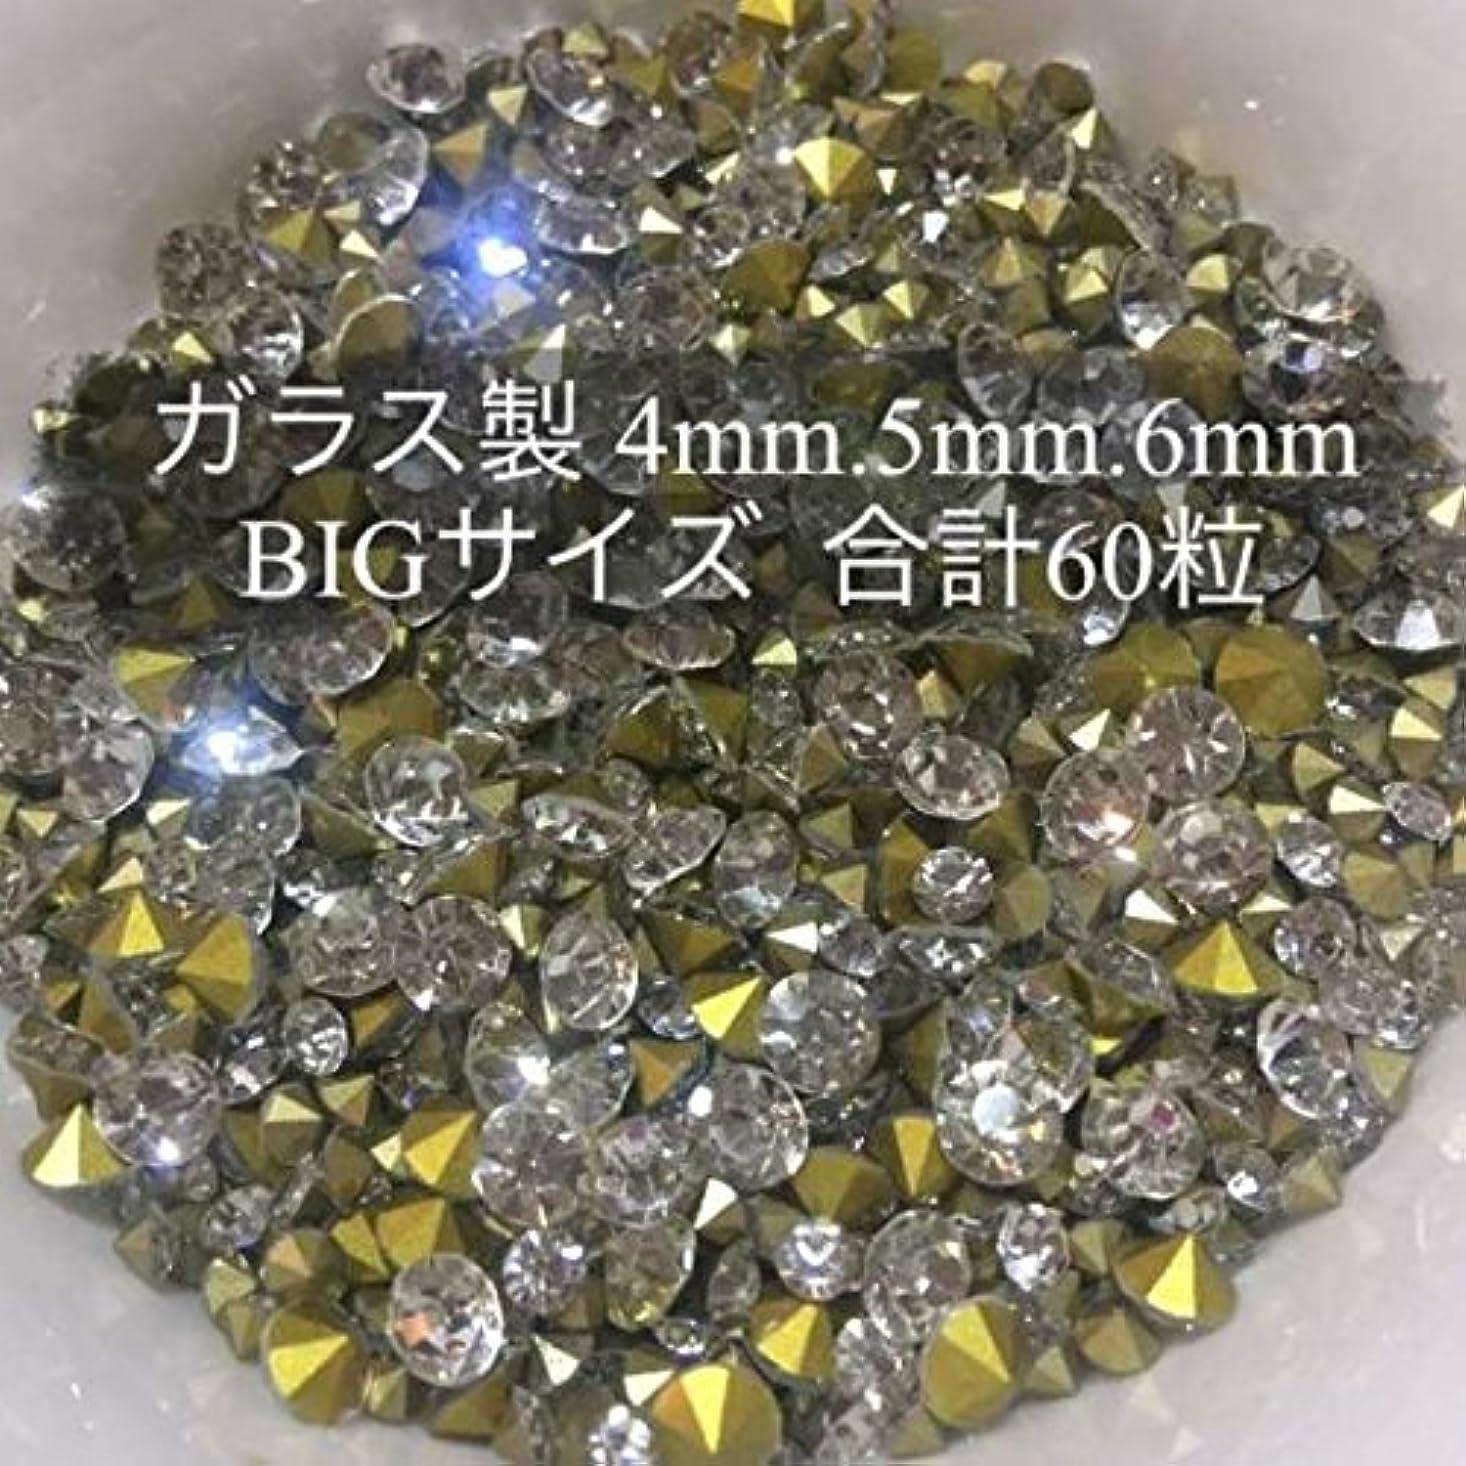 栄養争うトークガラス製BIGサイズ Vカット ストーン 4.5.6mm 60粒 3Dネイル